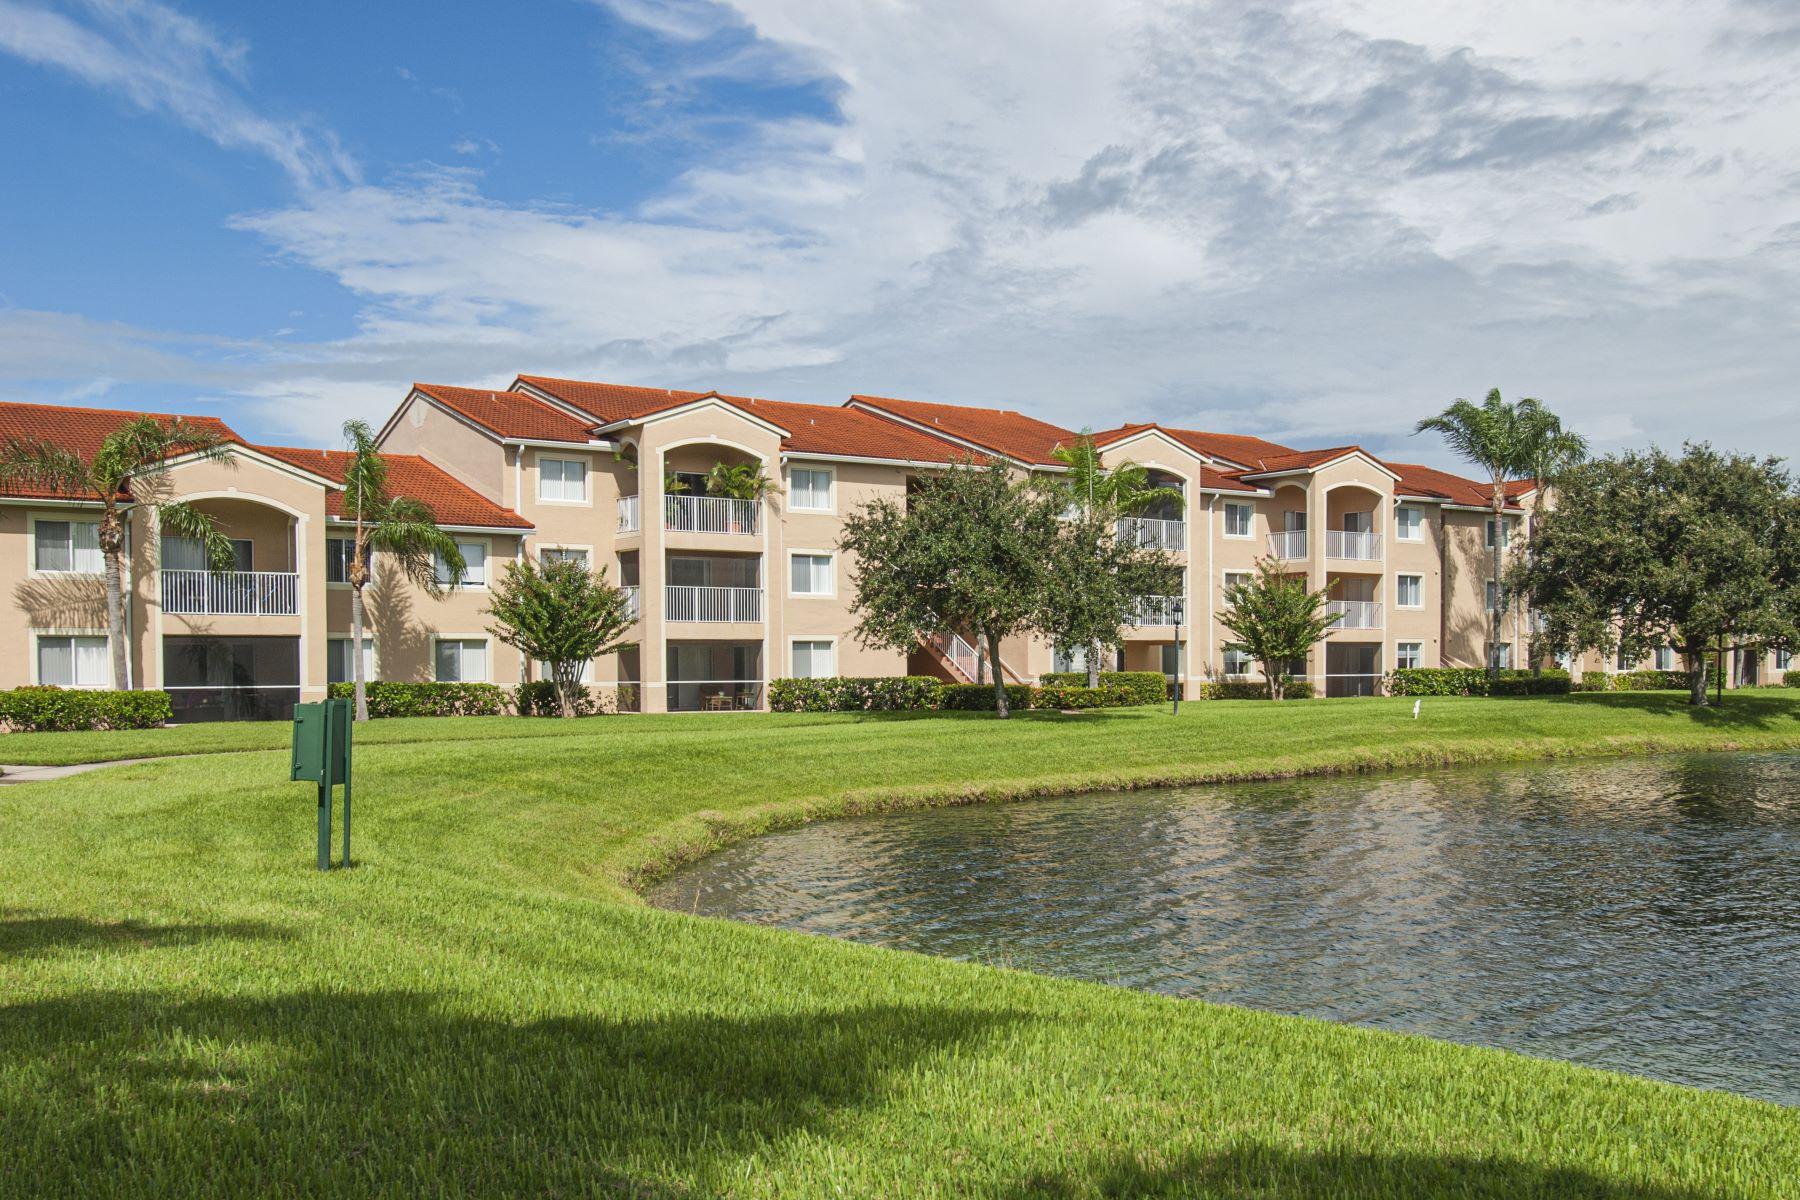 1610 N 42nd Circle, #309, Vero Beach, FL 1610 N 42nd Circle, 309 Vero Beach, Florida 32967 Estados Unidos